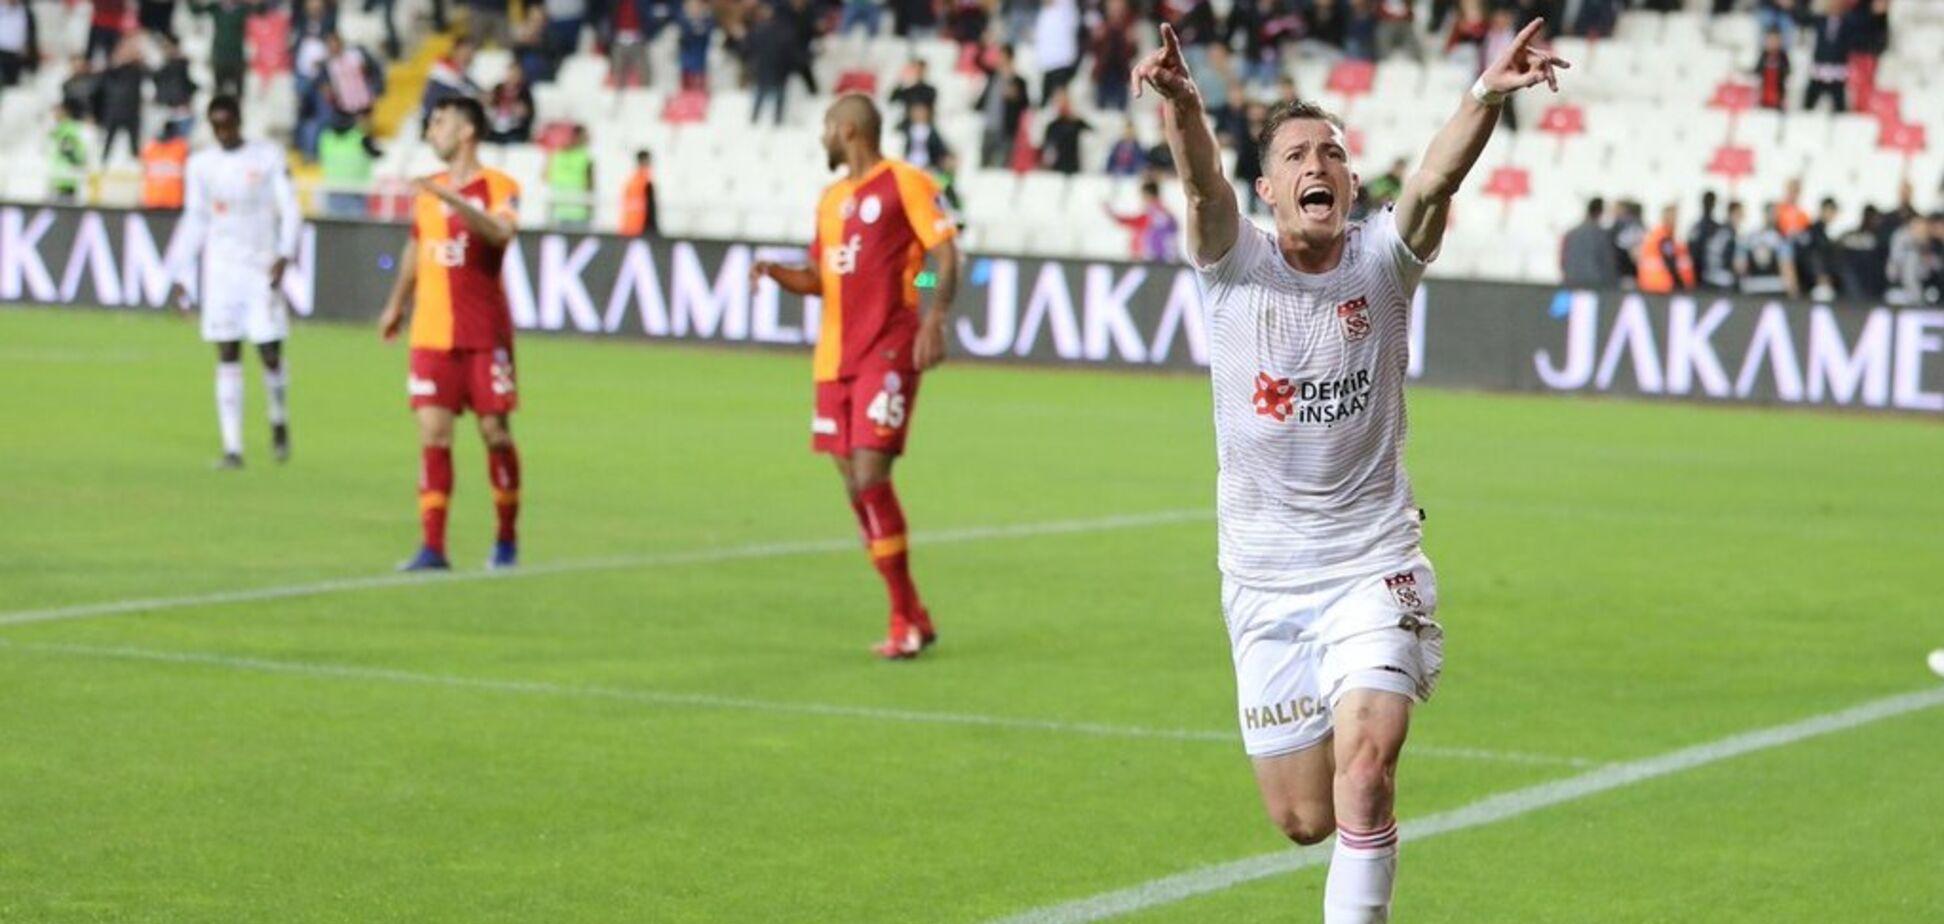 Футболист сборной Украины выдал суперматч в Турции